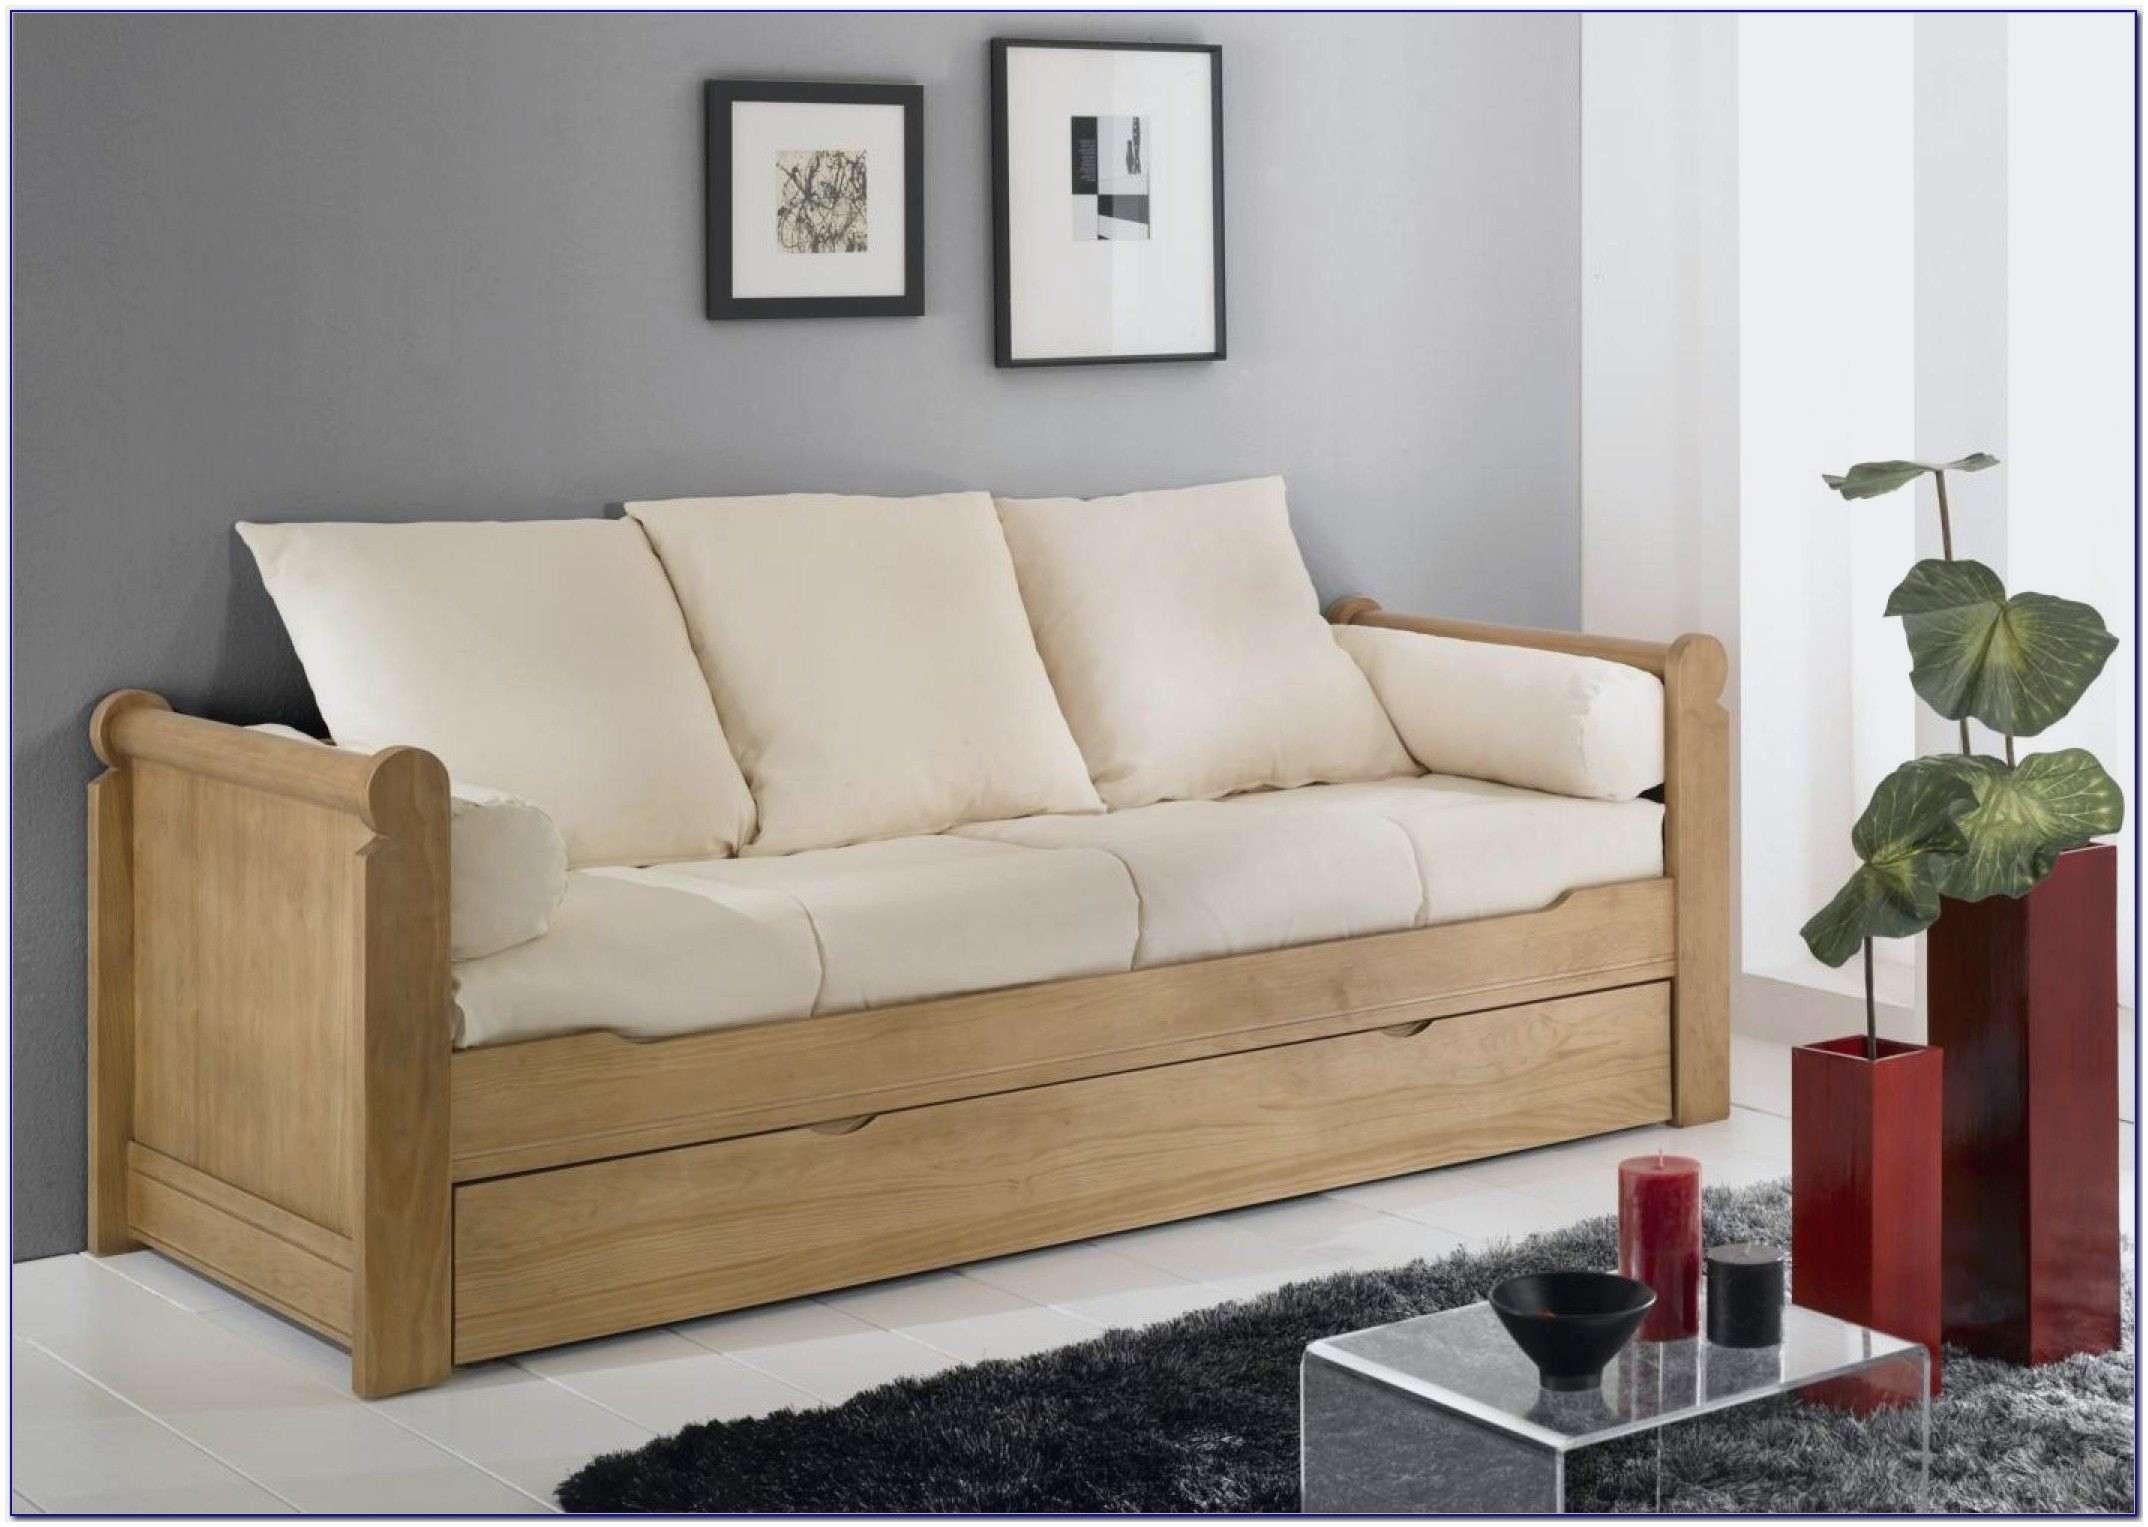 Dimension Lit Superposé Génial Frais Luxury Canapé Lit Matelas Pour Meilleur Ikea Canapé 2 Places